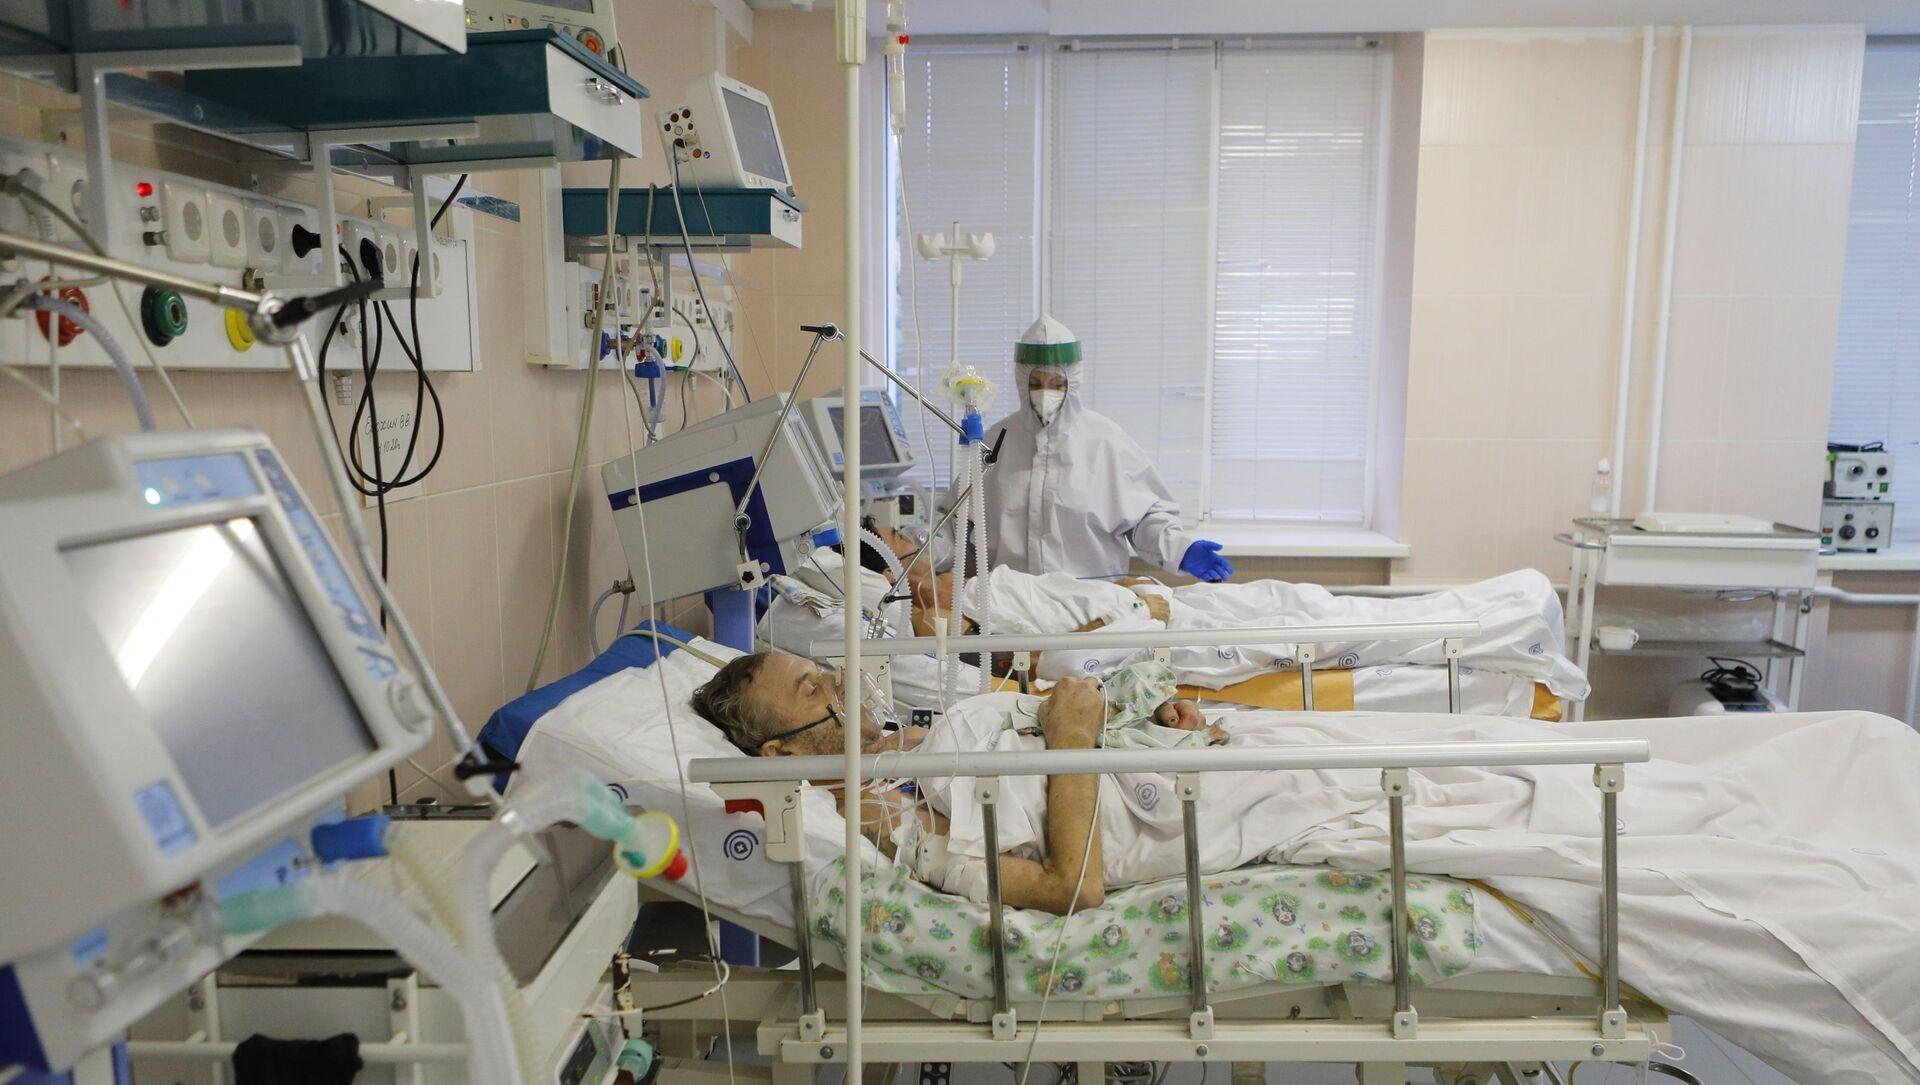 Malati di Covid-19 in un ospedale russo (foto d'archivio) - Sputnik Italia, 1920, 25.02.2021